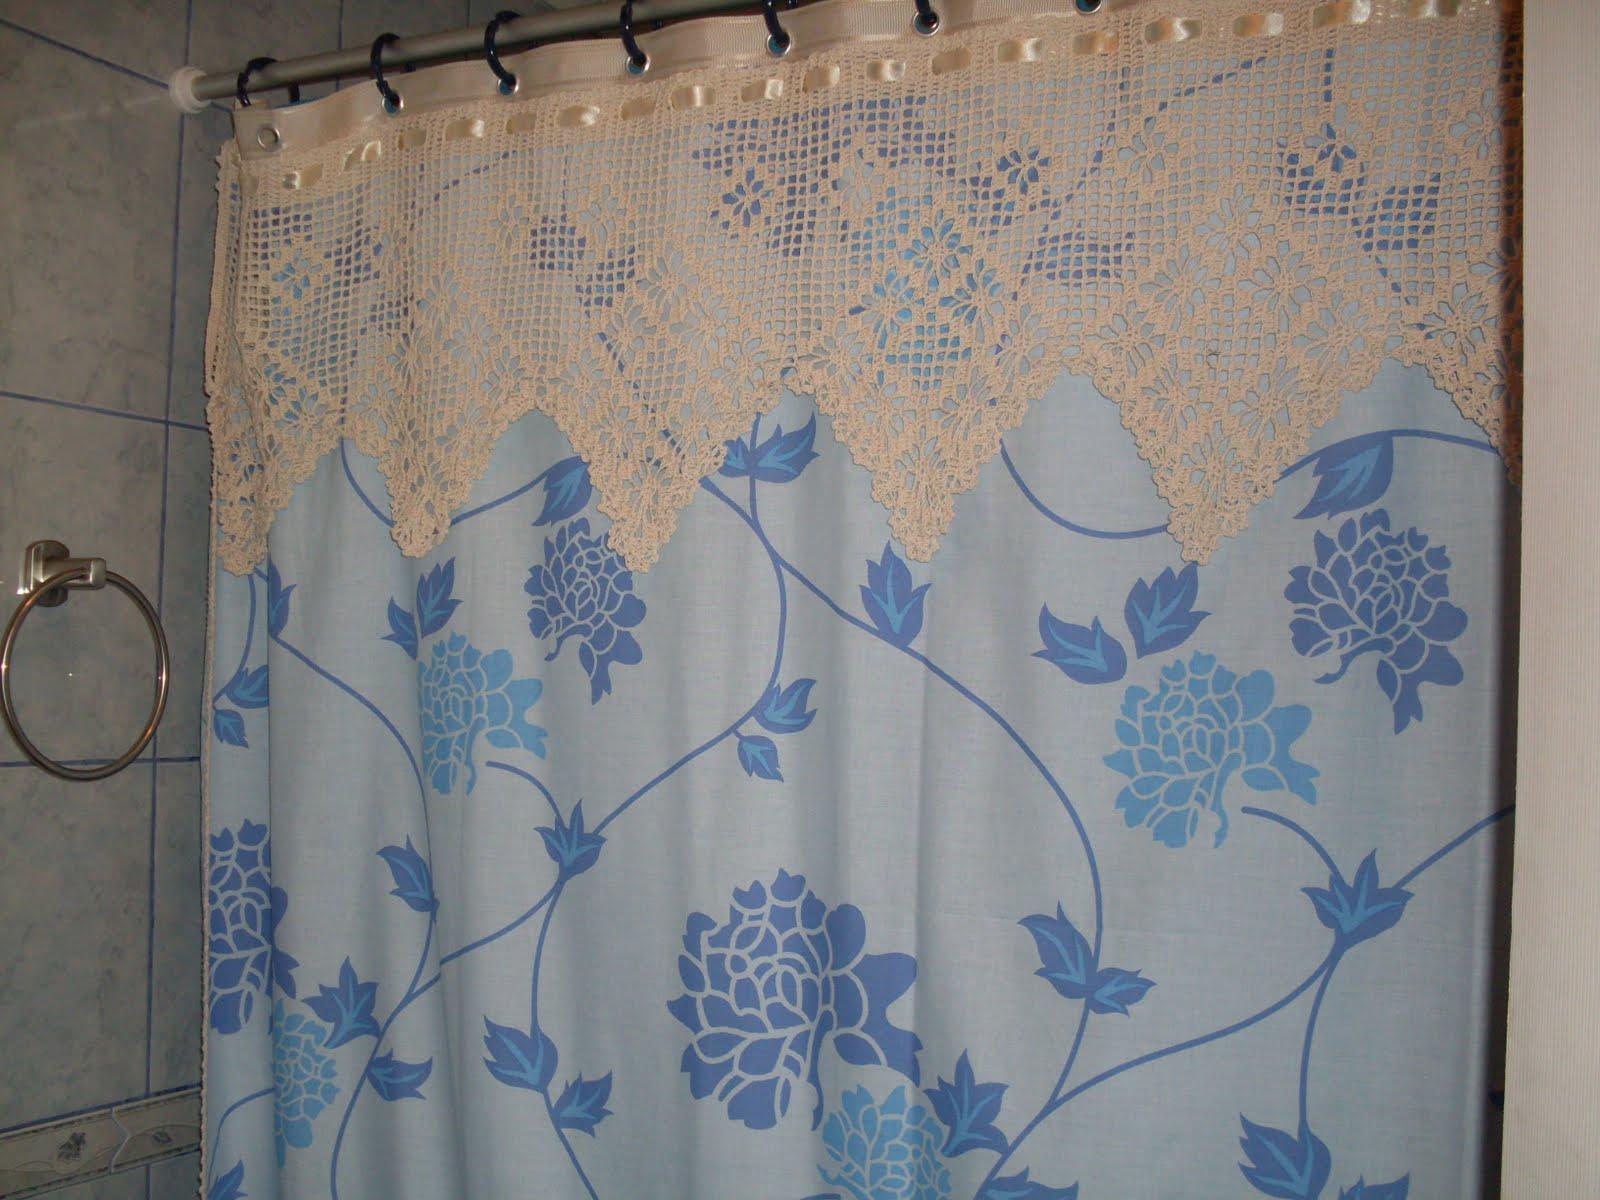 Cortinas de ba o carrefour - Barras cortina bano ...